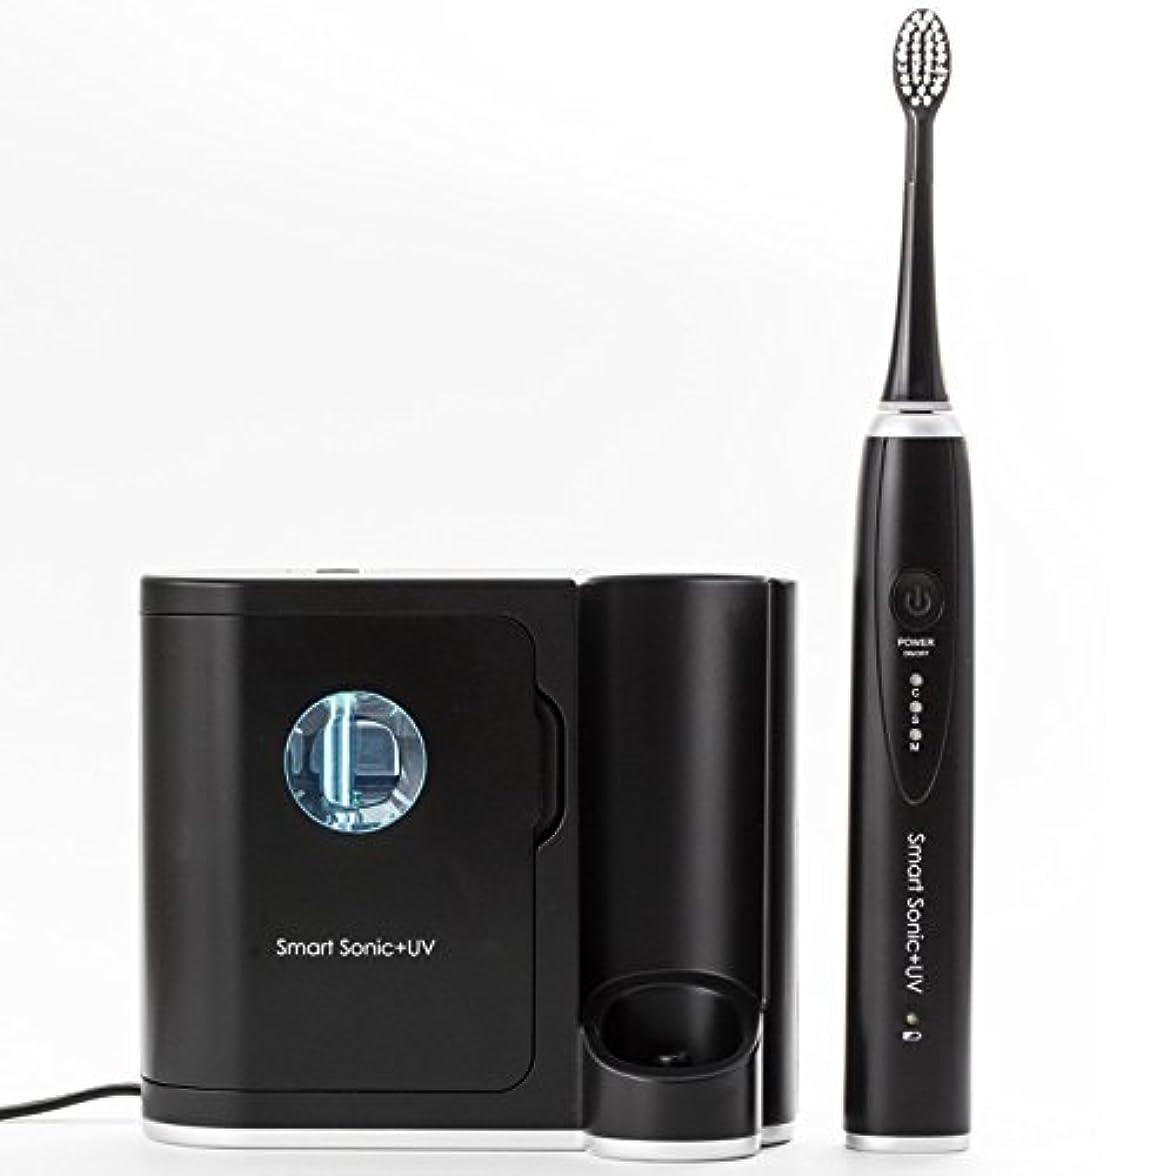 肝酔う光の音波歯ブラシ UV 紫外線除菌 歯ブラシ 殺菌機能付き 電動歯ブラシ スマートソニック プラス UV Smart Sonic UV